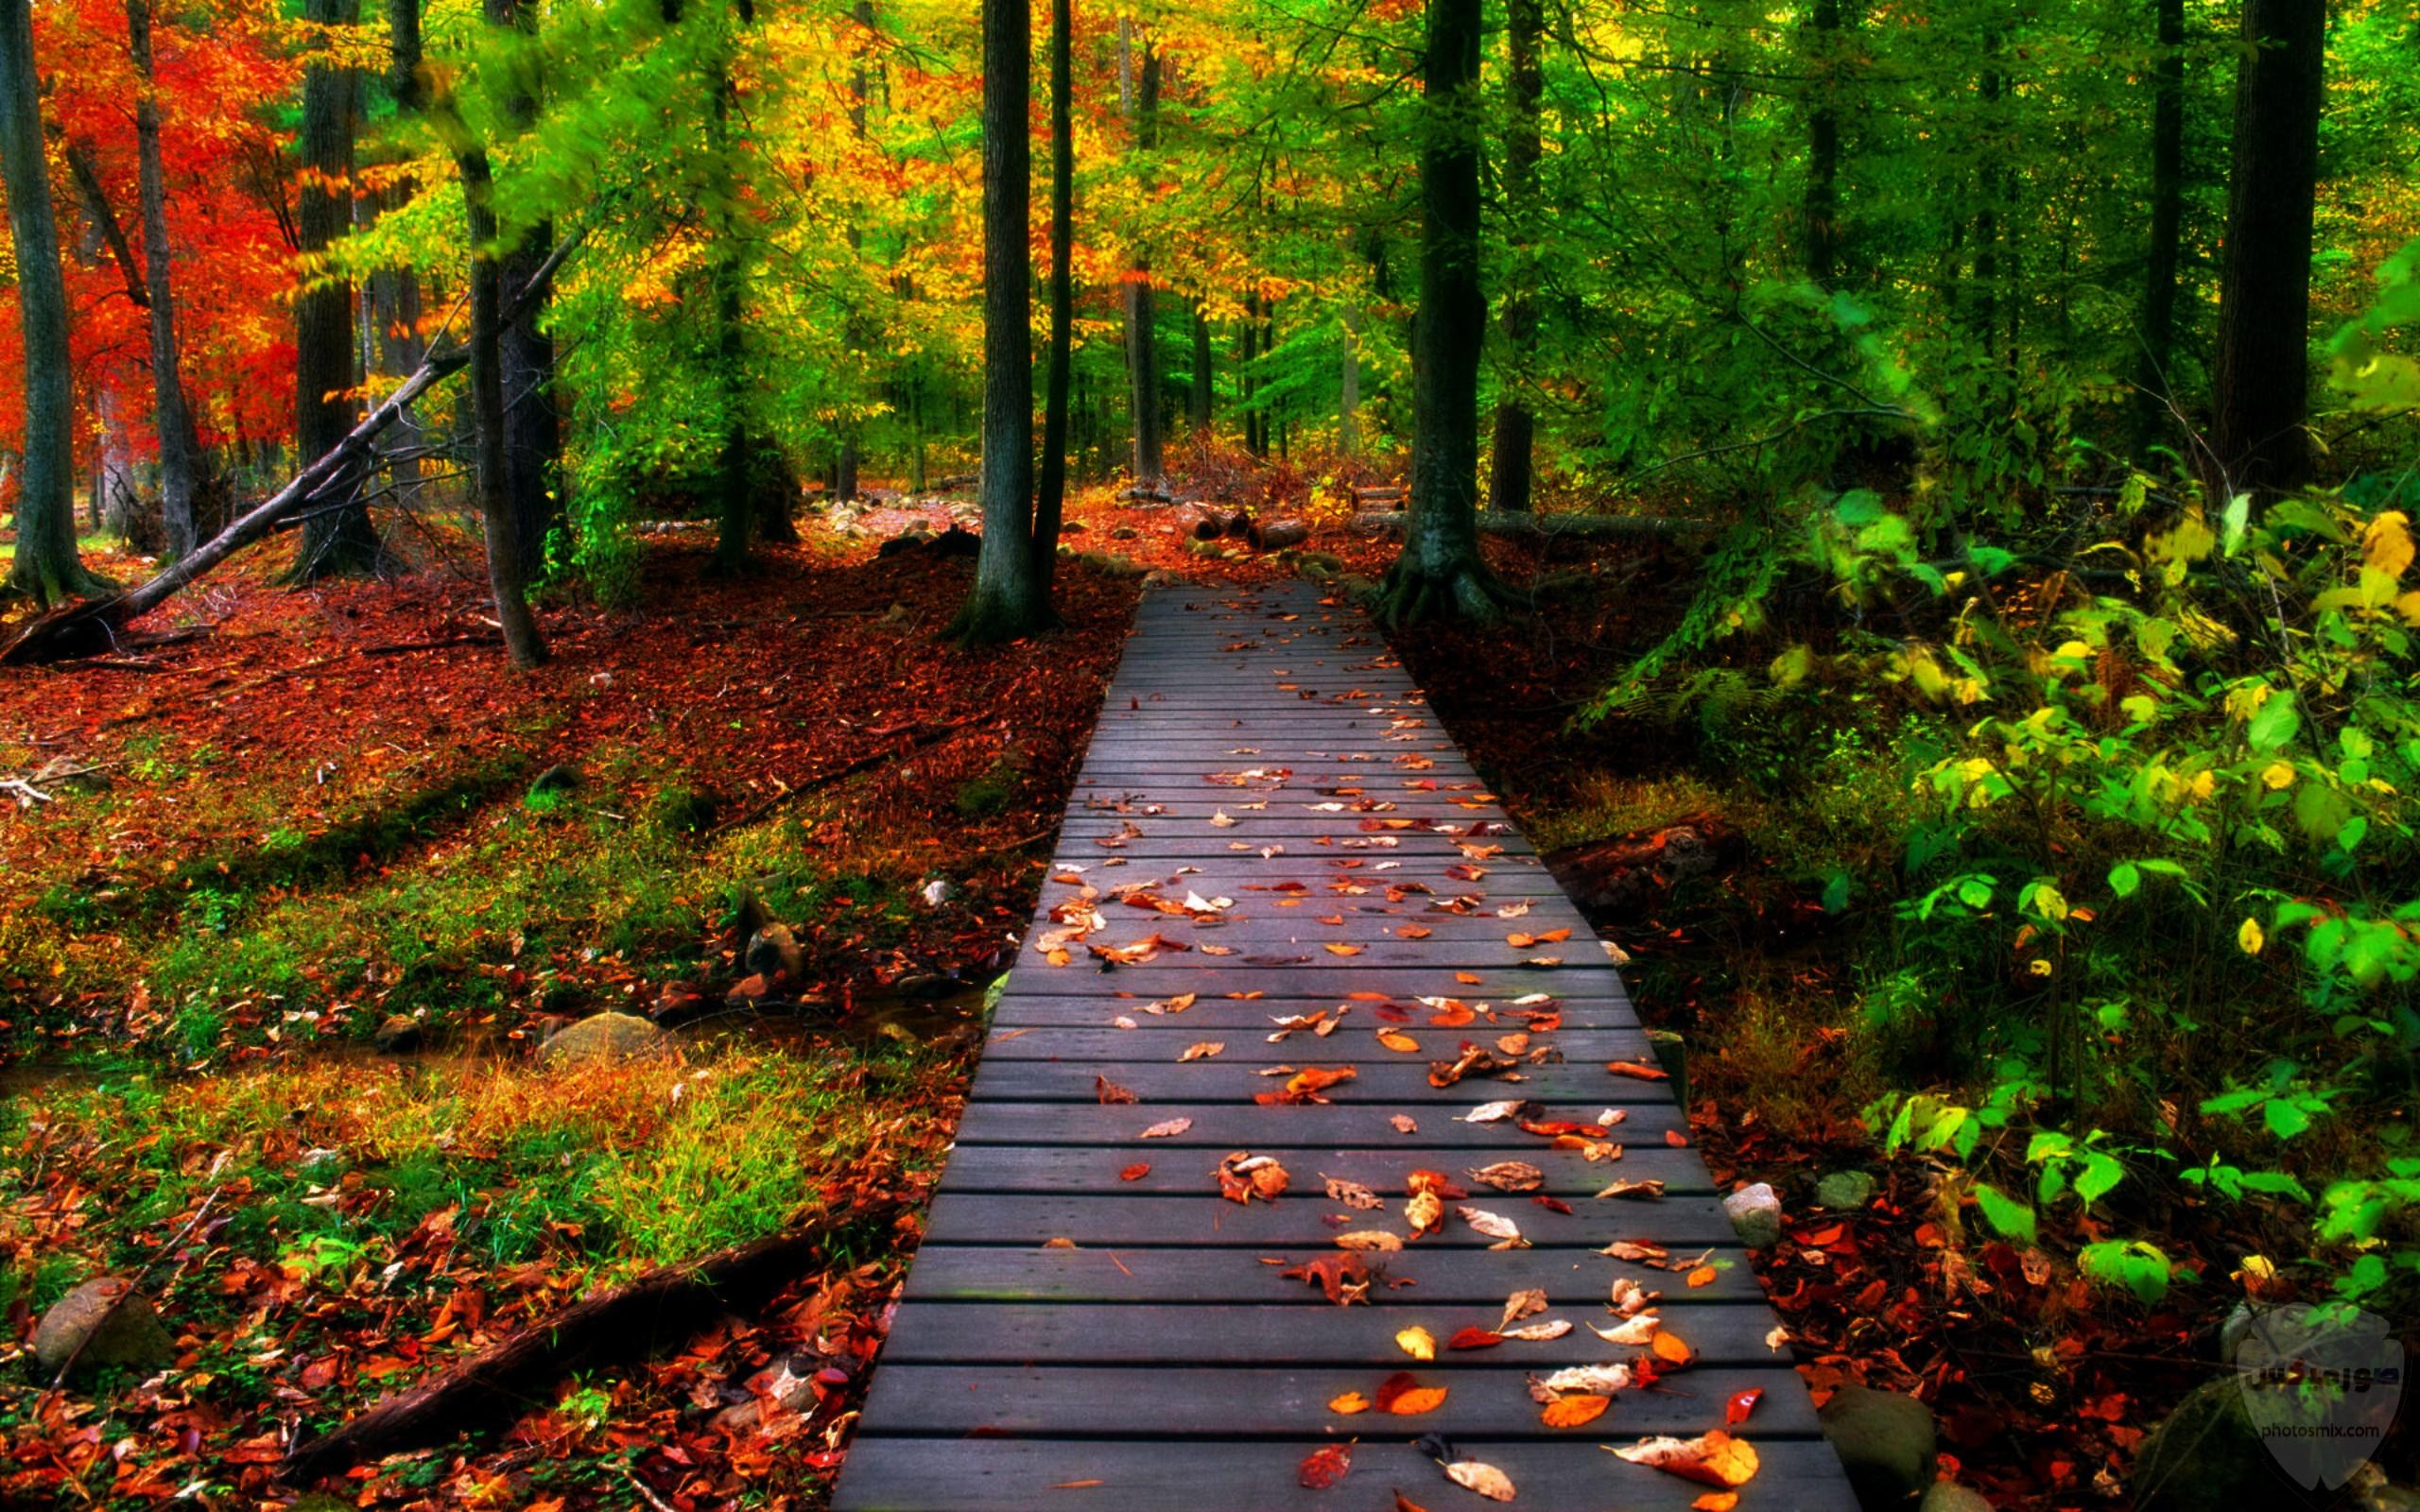 صور طبيعة جميلة صور طبيعيه خلابه 10